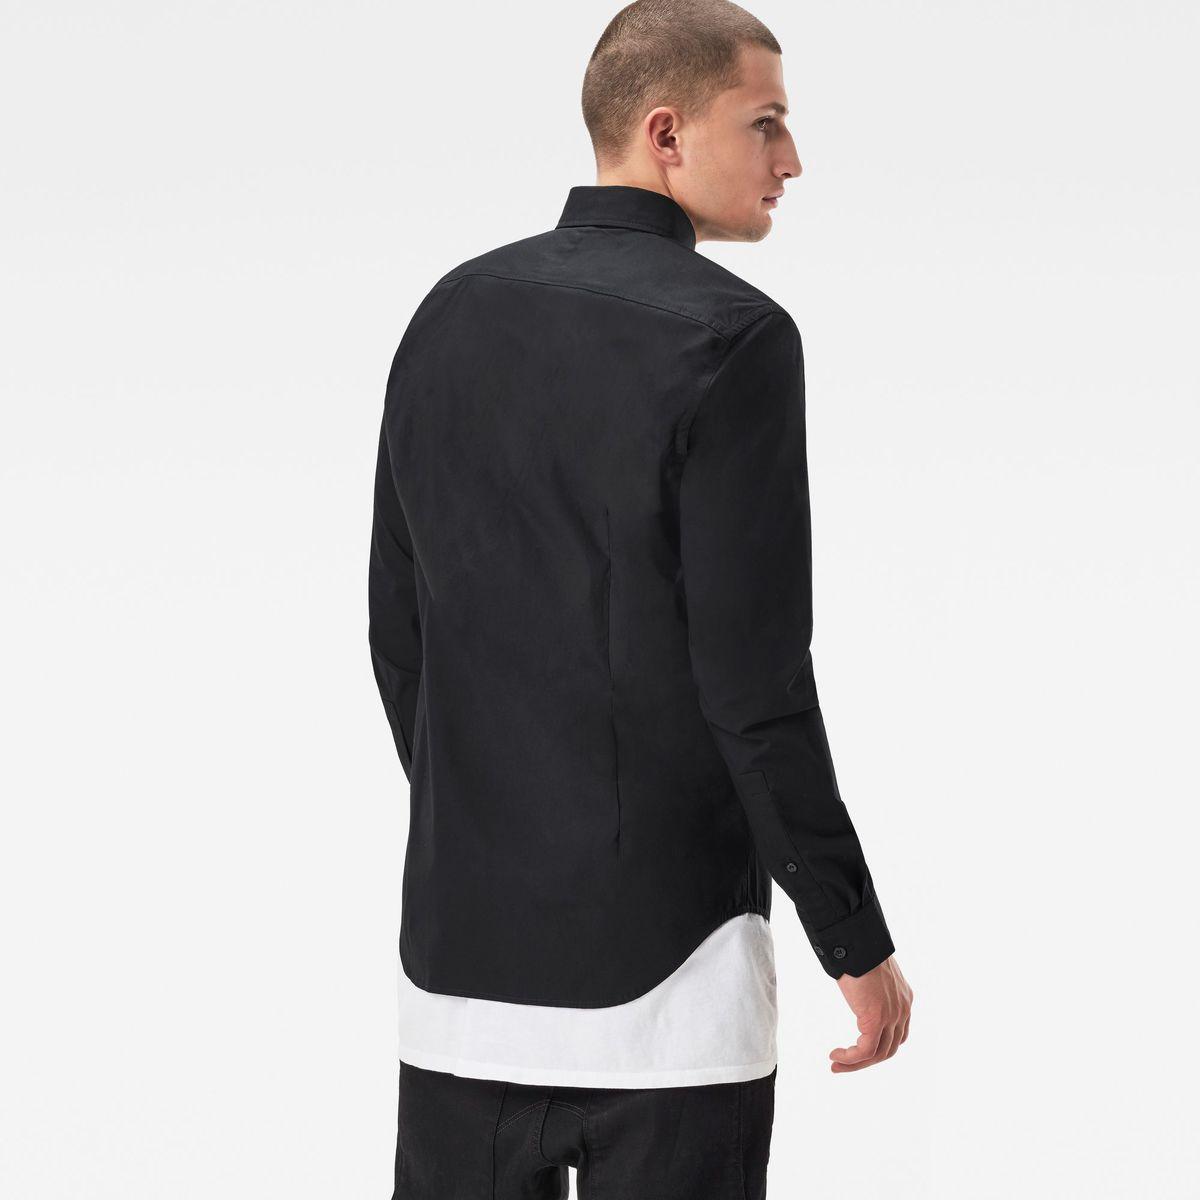 Bild 3 von Core Slim Shirt